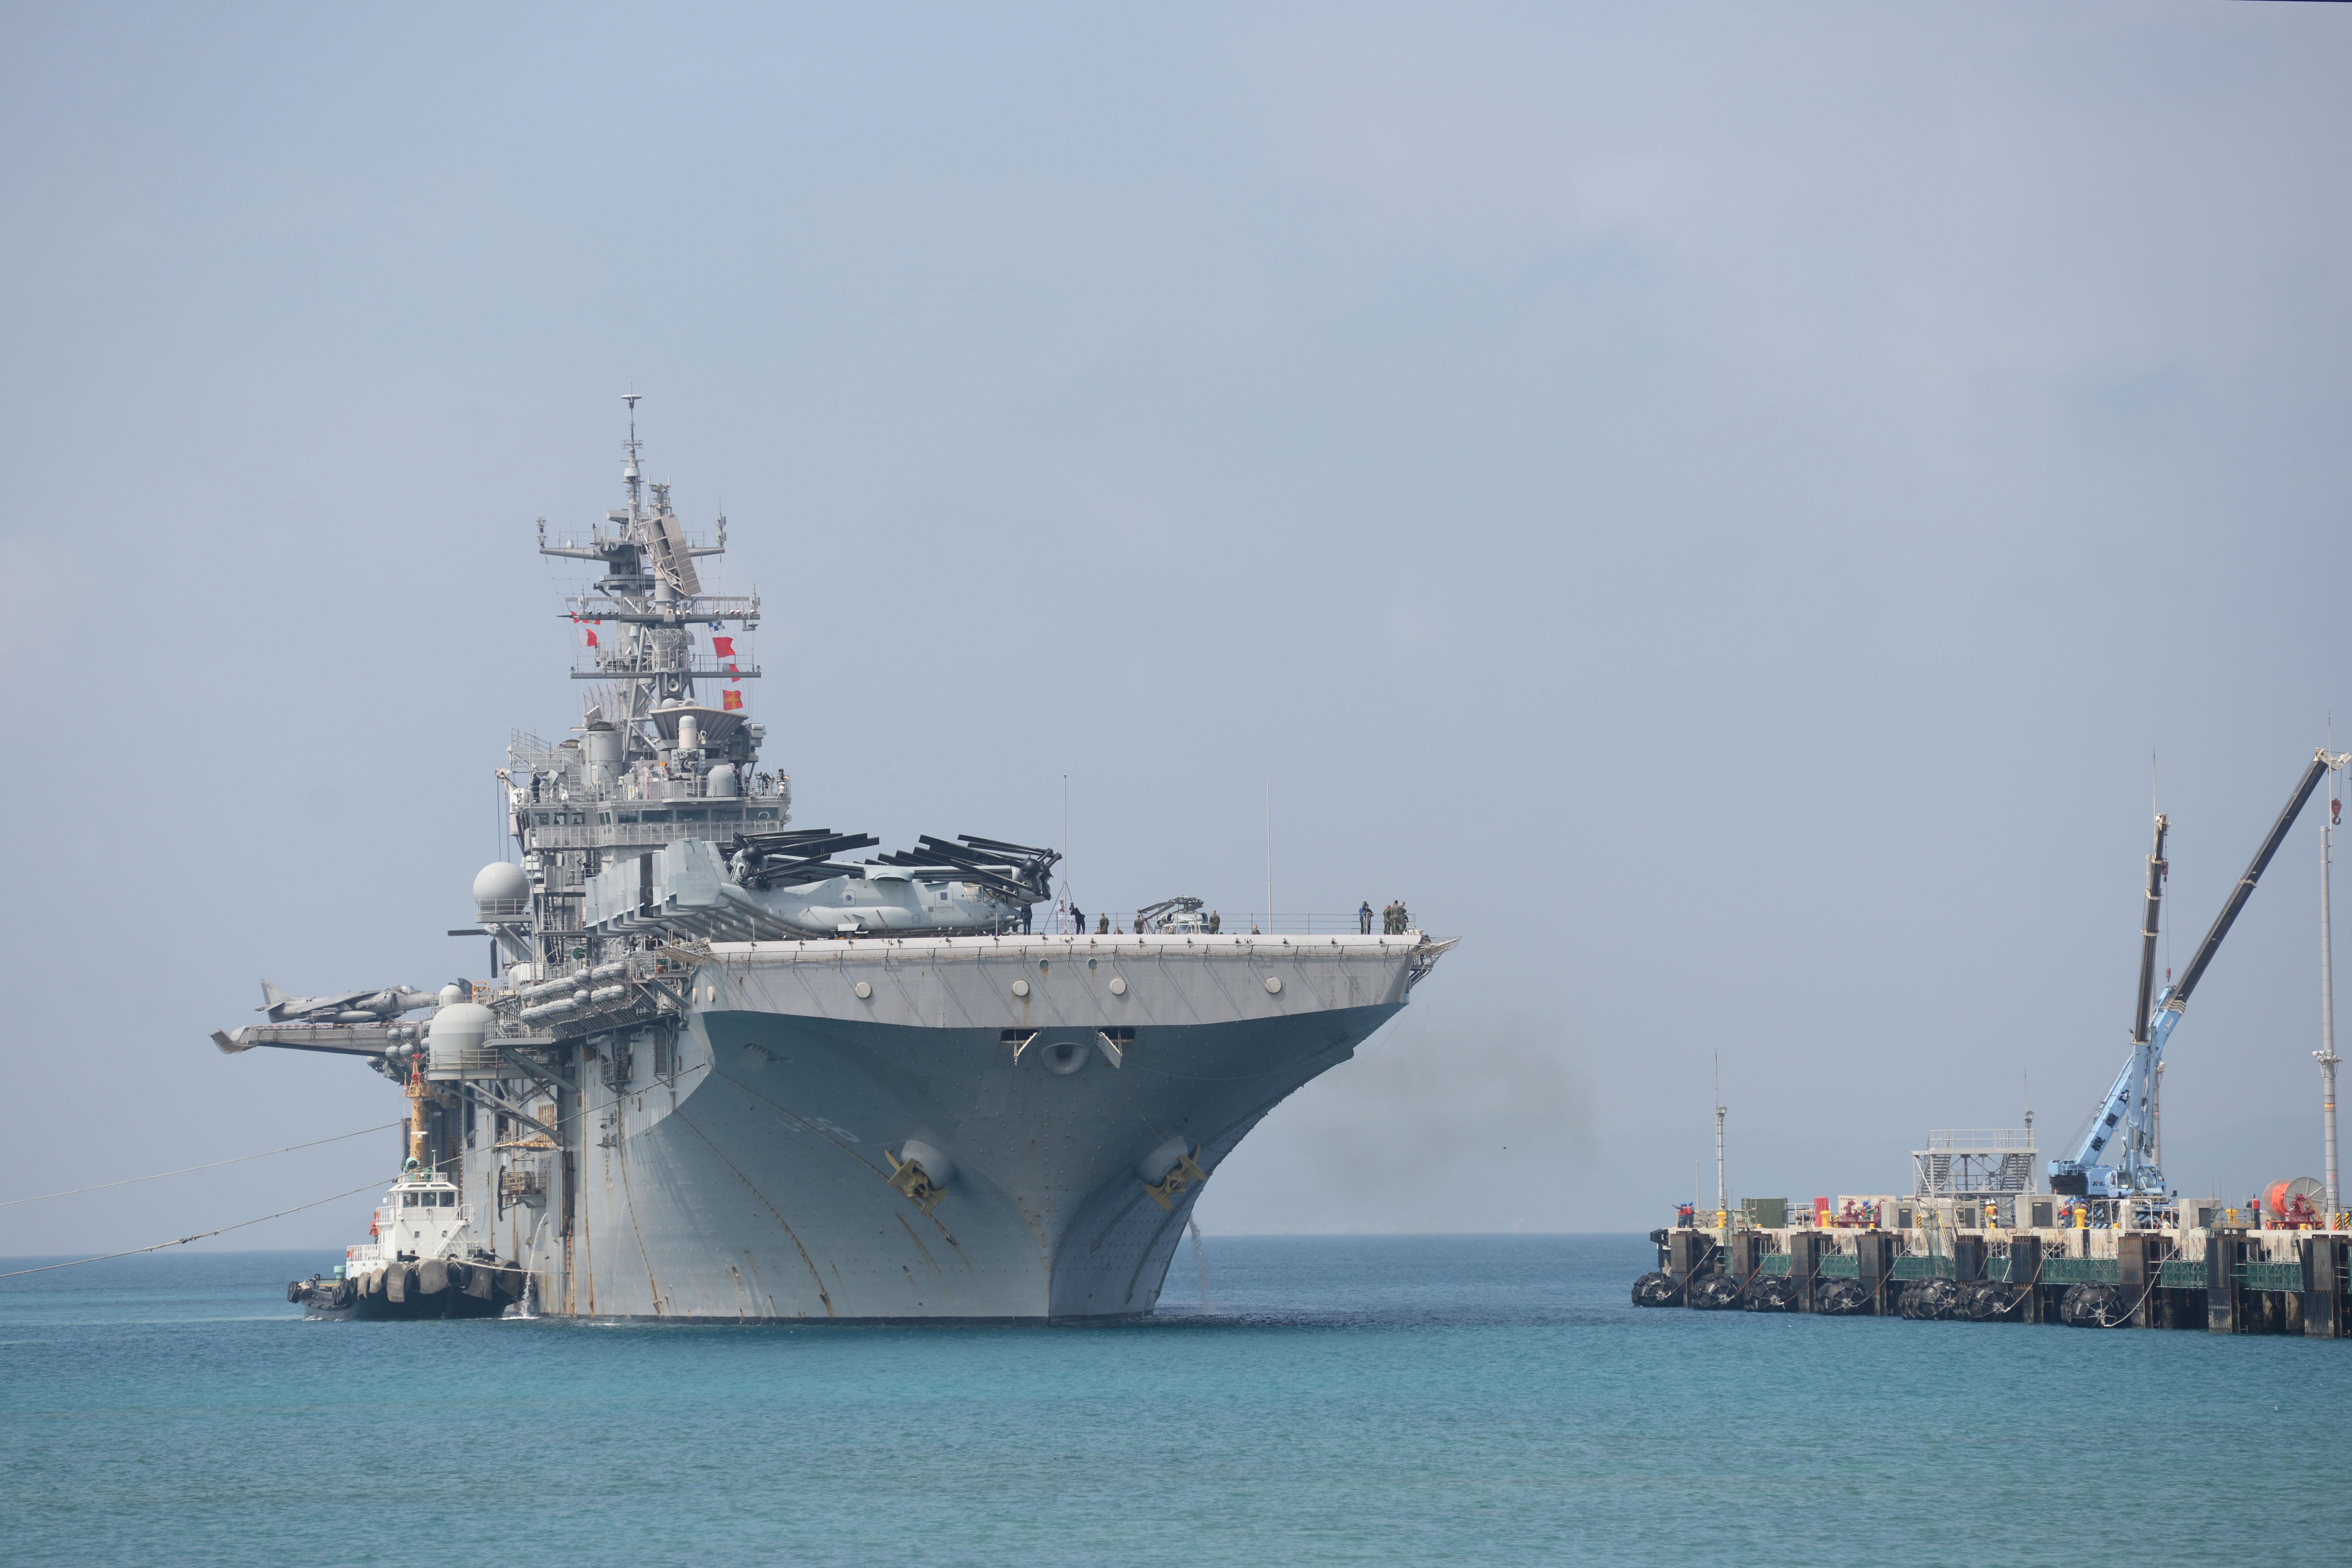 Amphibious assault ship (LHA - LHD - LPD) - Page 4 34753877890_66e6d9d872_o